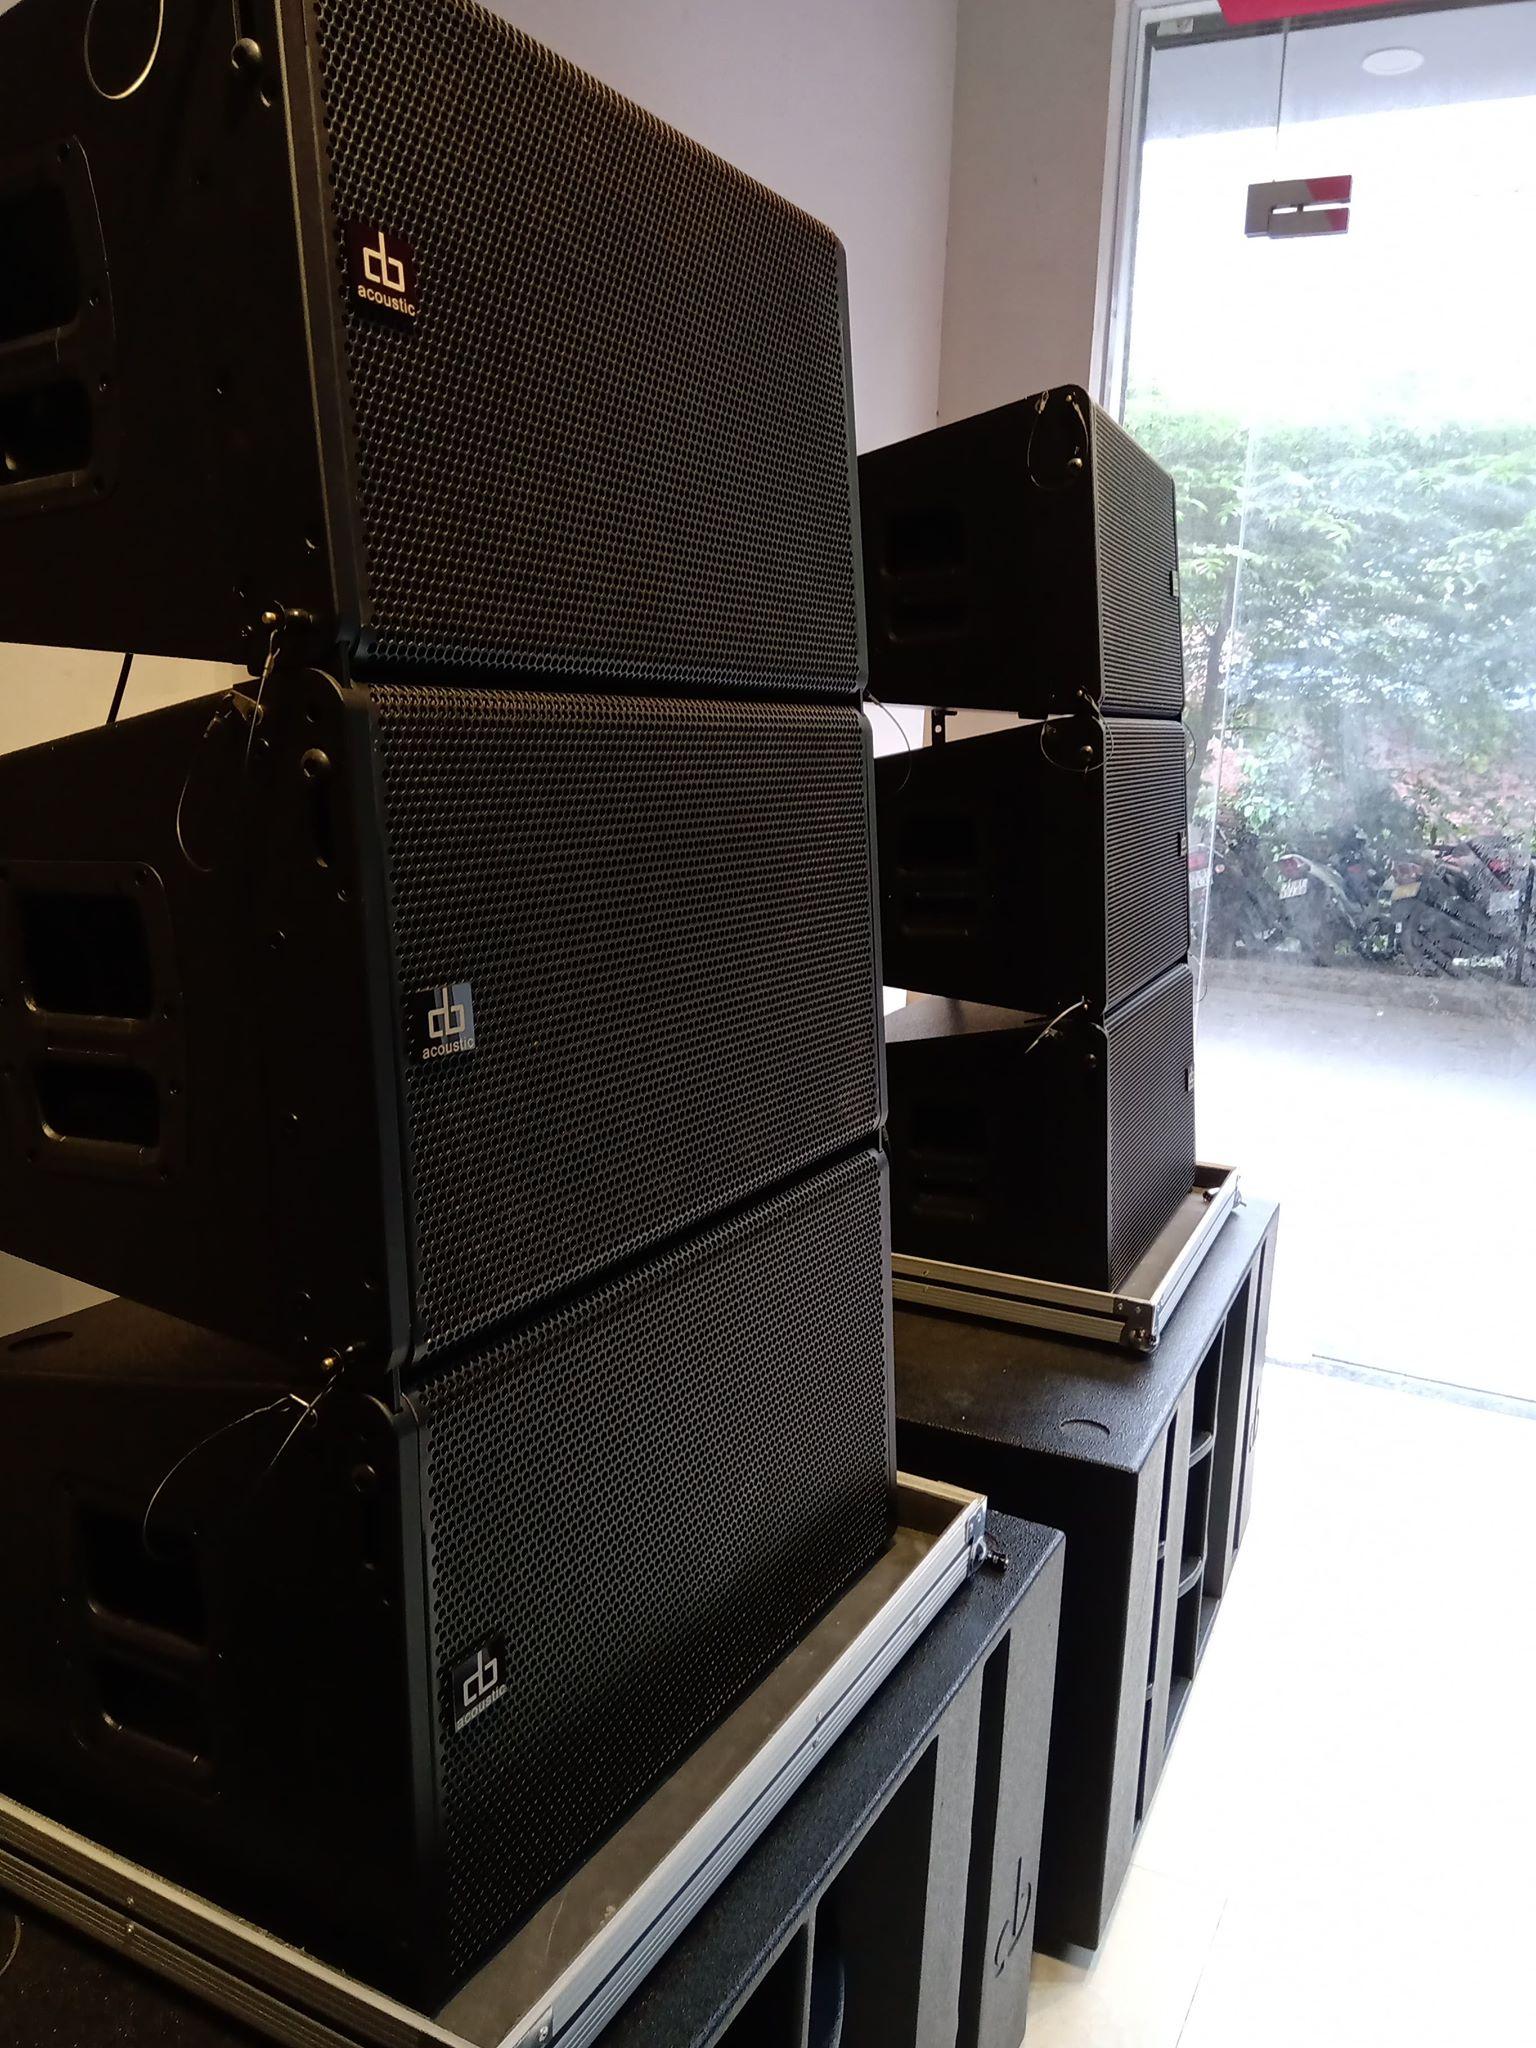 Văn bản thay thế Văn bản thay thế Loa karaoke VA 12F chất lượng tại Lạc việt audio